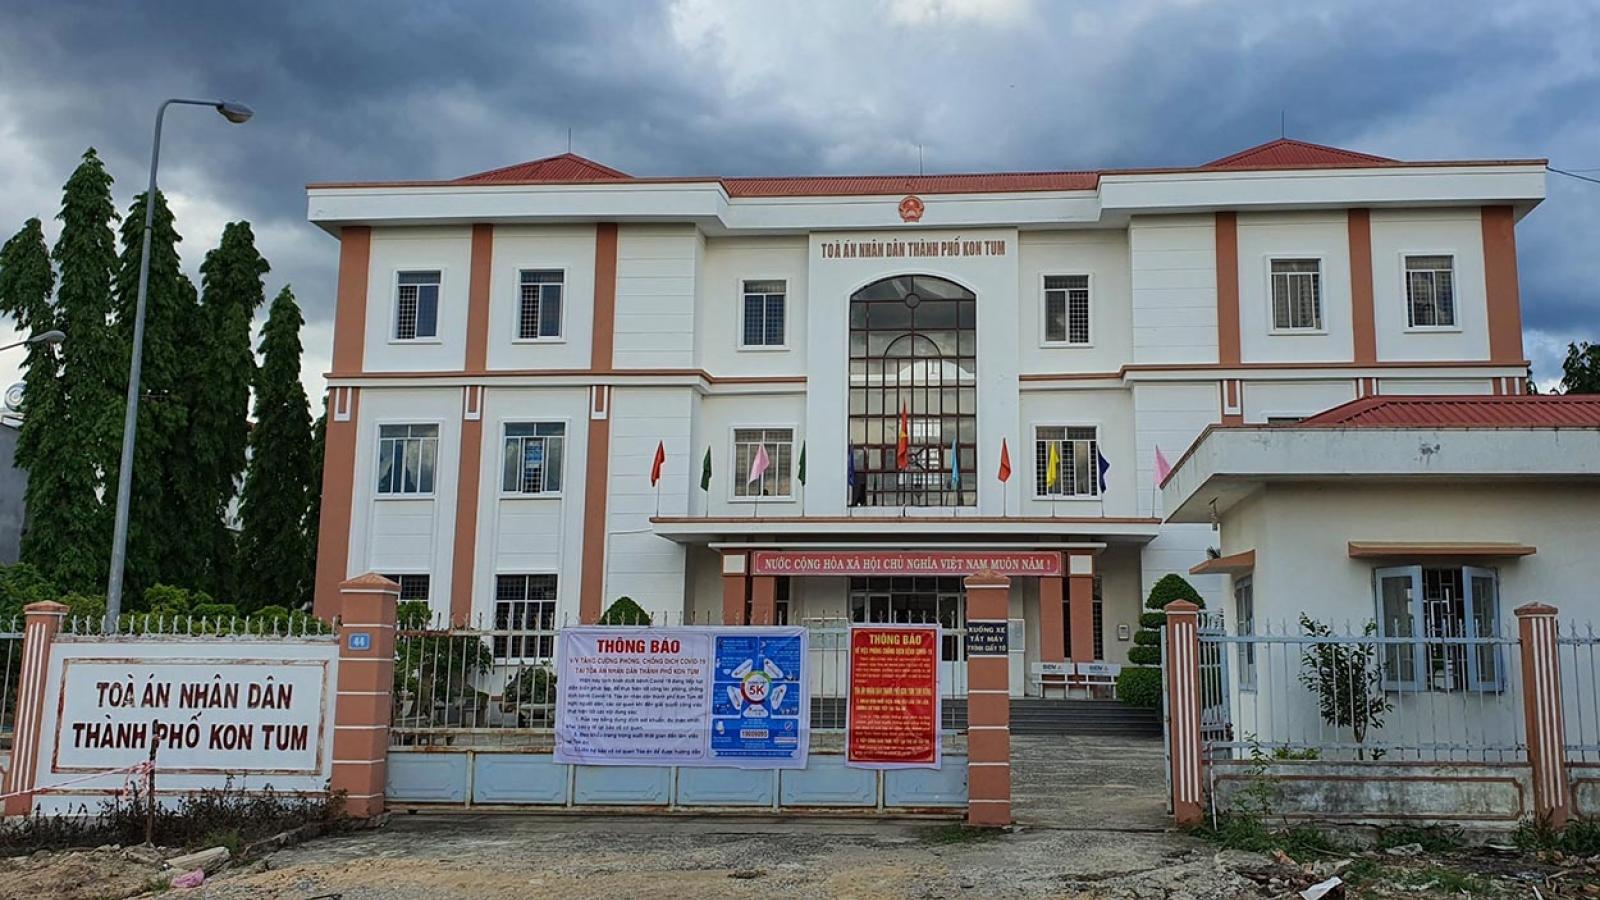 Khởi tố Thẩm phán Tòa án thành phố Kon Tum tội Nhận hối lộ